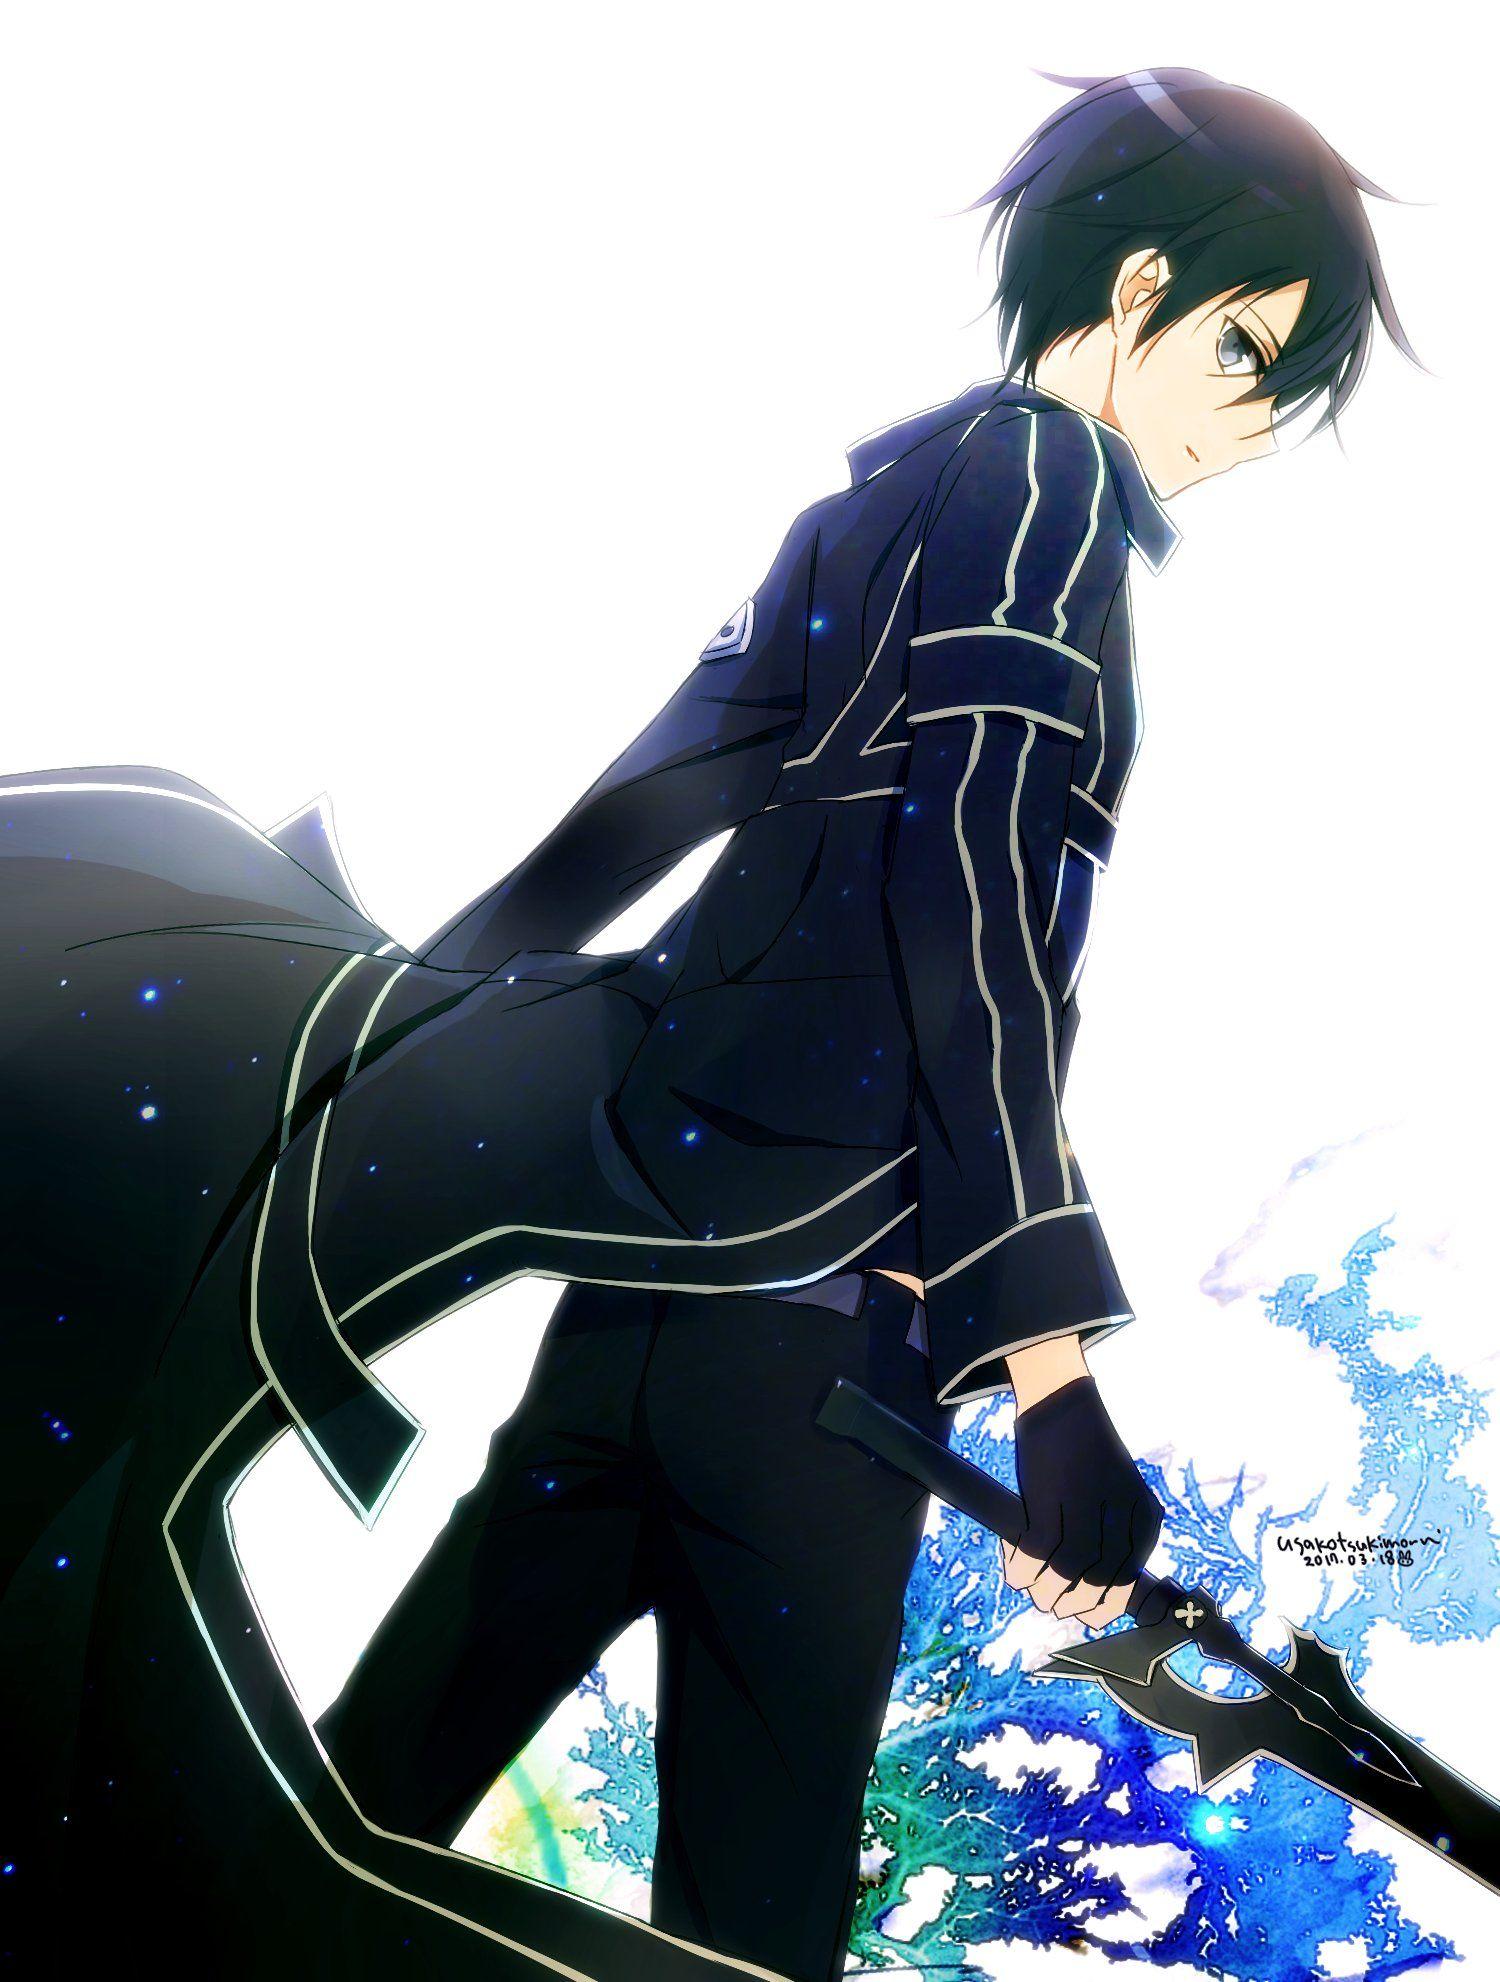 月森うさこ on Sword art online wallpaper, Sword art, Sword